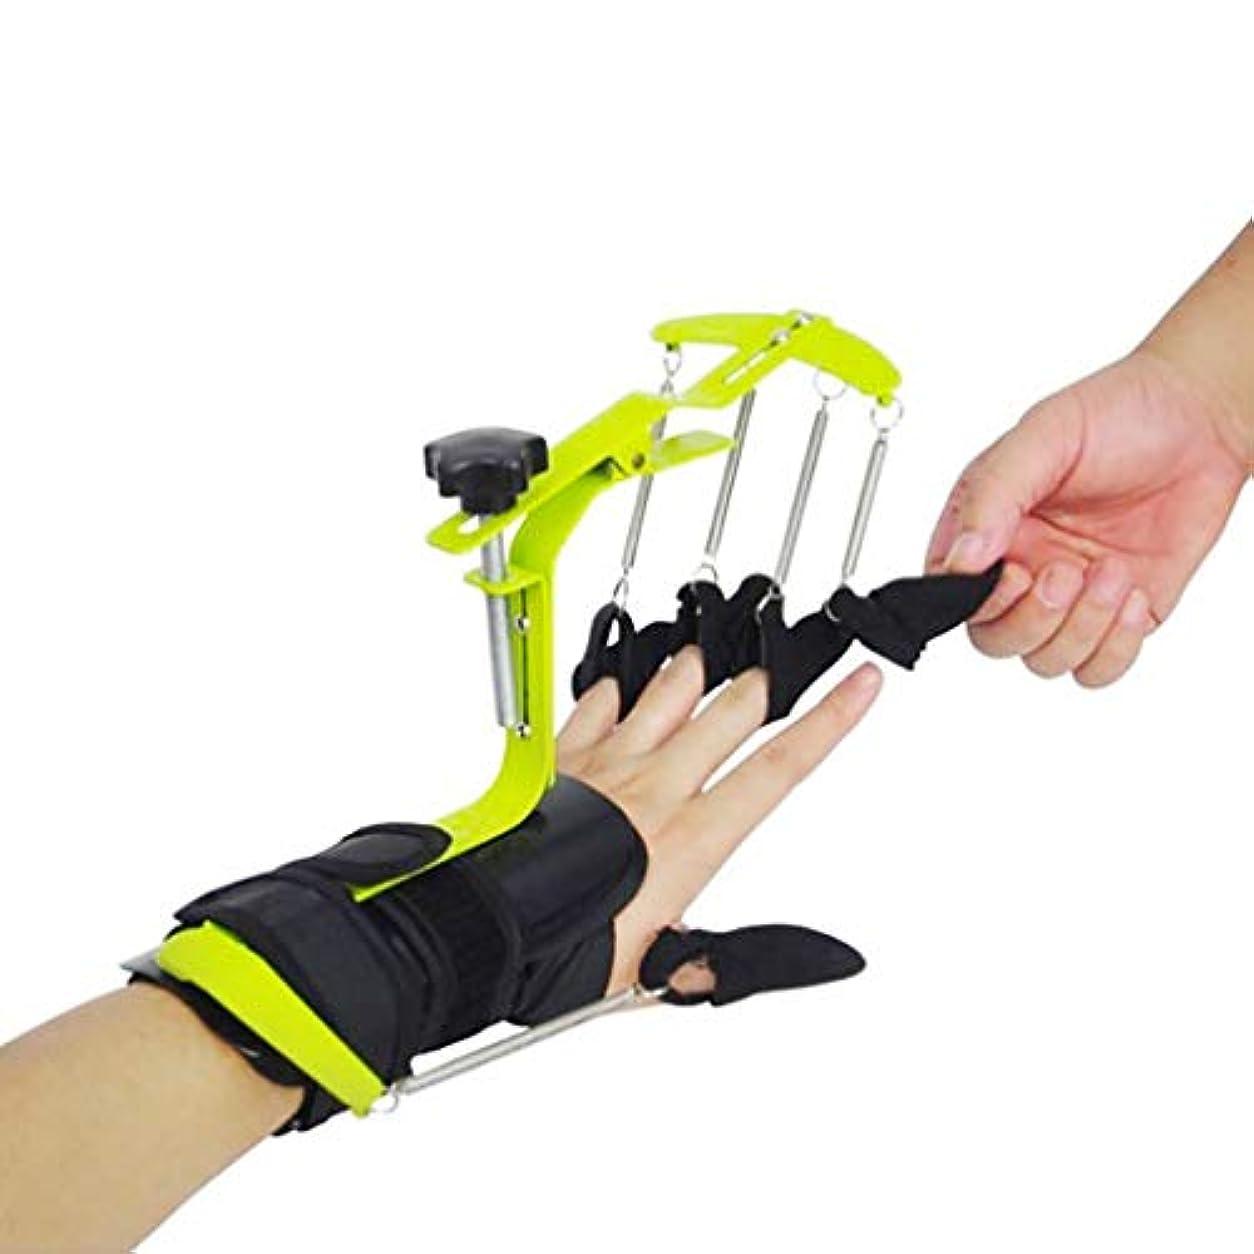 ゆりラフ年齢動的装具多機能アジャスタブルアルミサポートエクステンション矯正関節炎マレットフィンガーナックルブレース捻挫フィンガートレーナー大人用